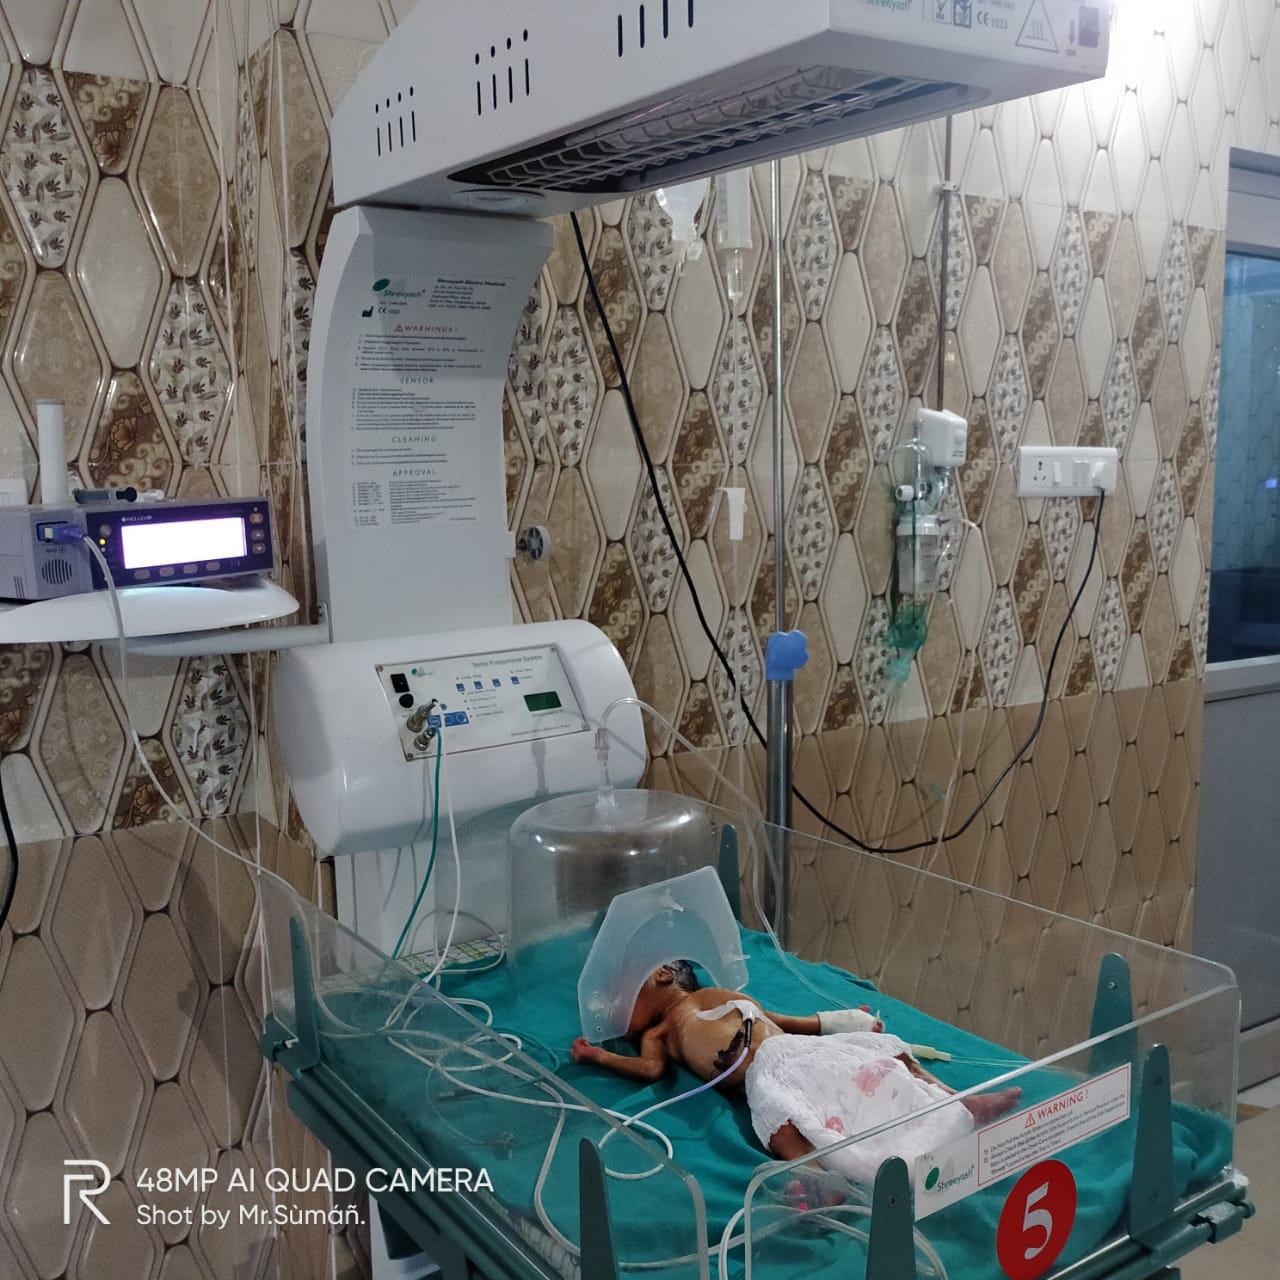 जेपी हॉस्पिटल के गायनोकोलॉजिस्ट  एवं चाइल्ड स्पेशलिस्ट डॉक्टर एवं हॉस्पिटल के अनुभवी प्रजनन कराने वाली टीम ने  कर दिखाया यह कमाल